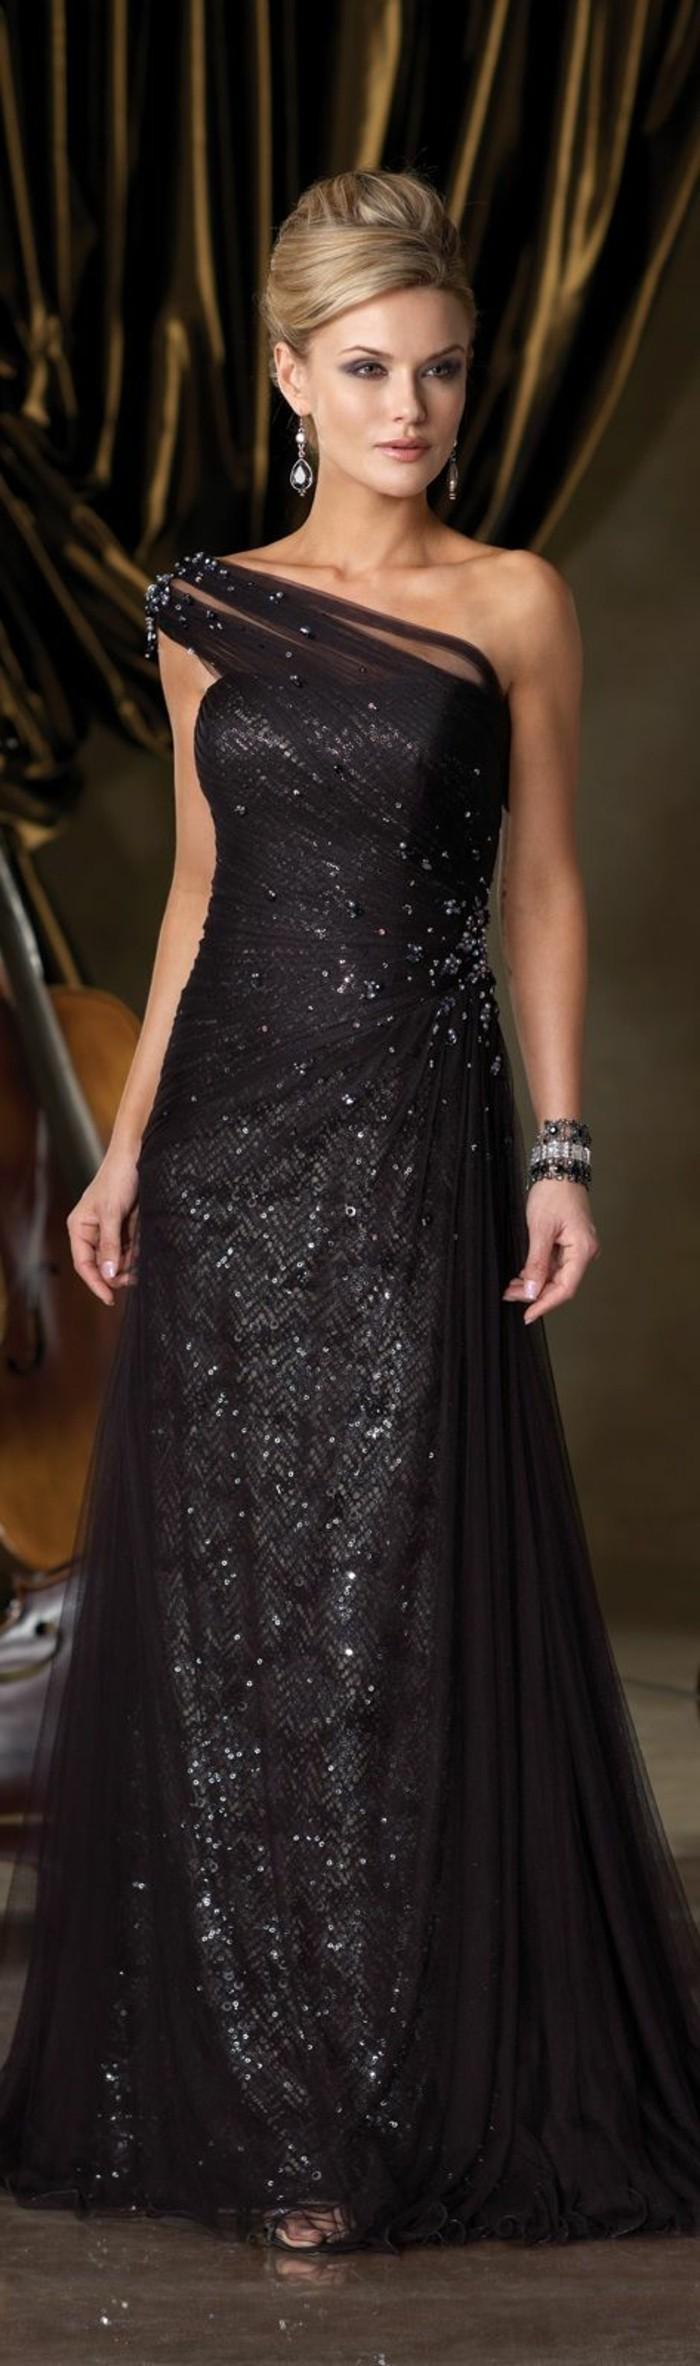 Elegante-Kleider-schulter-schwarz